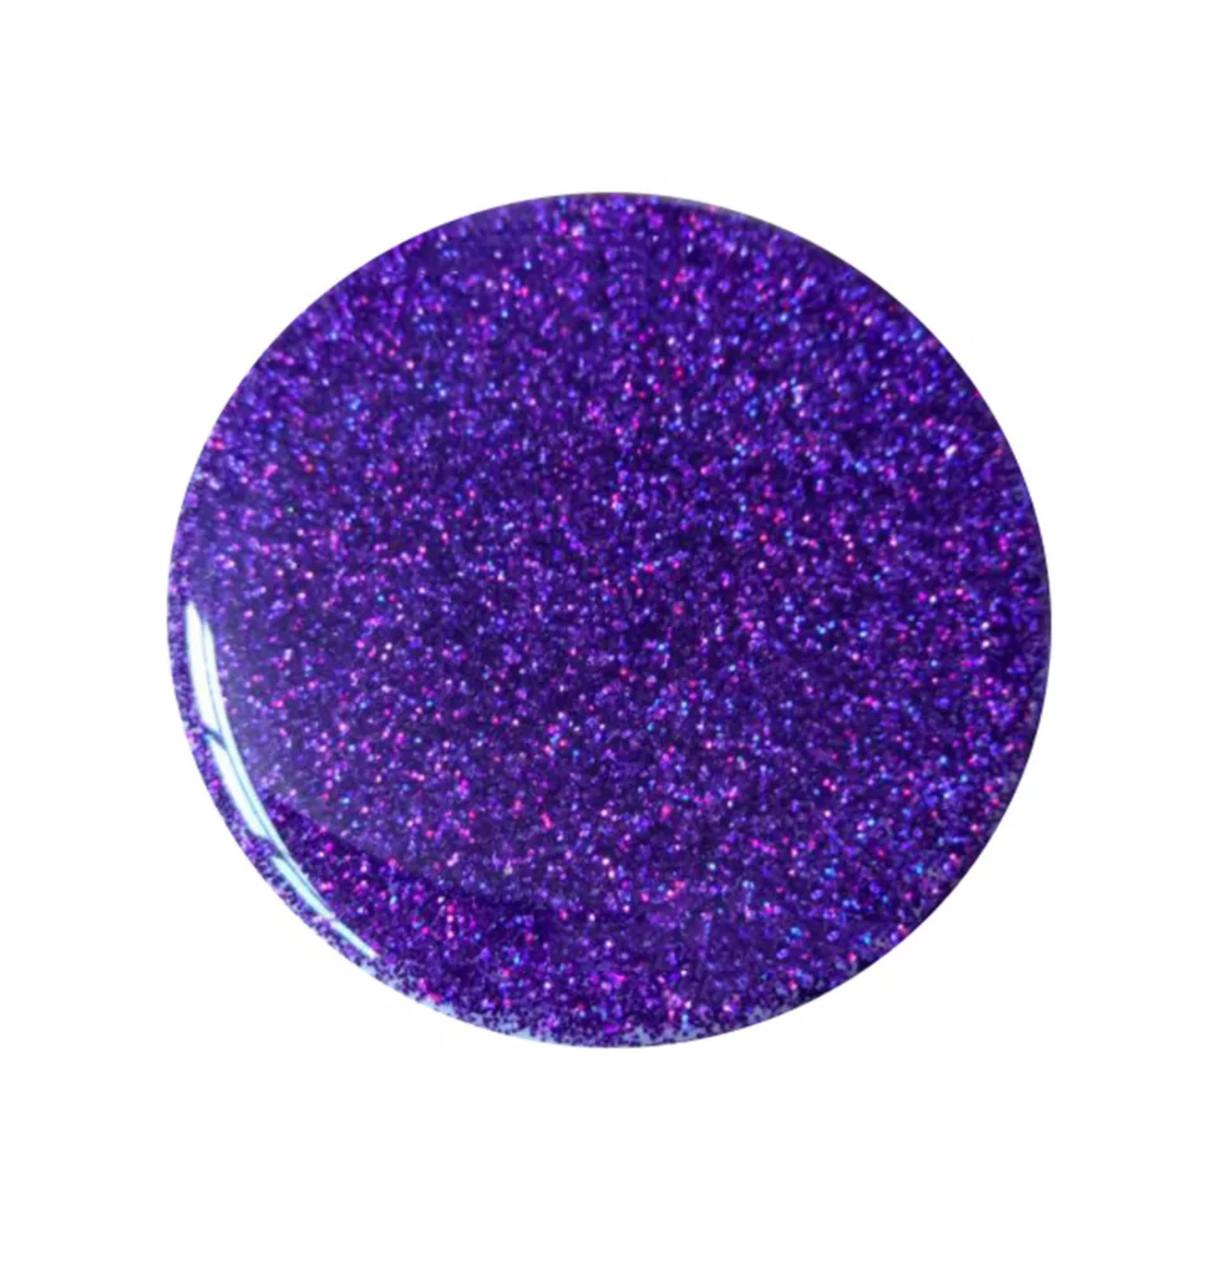 Попсокет для телефона блестящий  «Popsocket party» круглый яркий для девушек (фиолет)